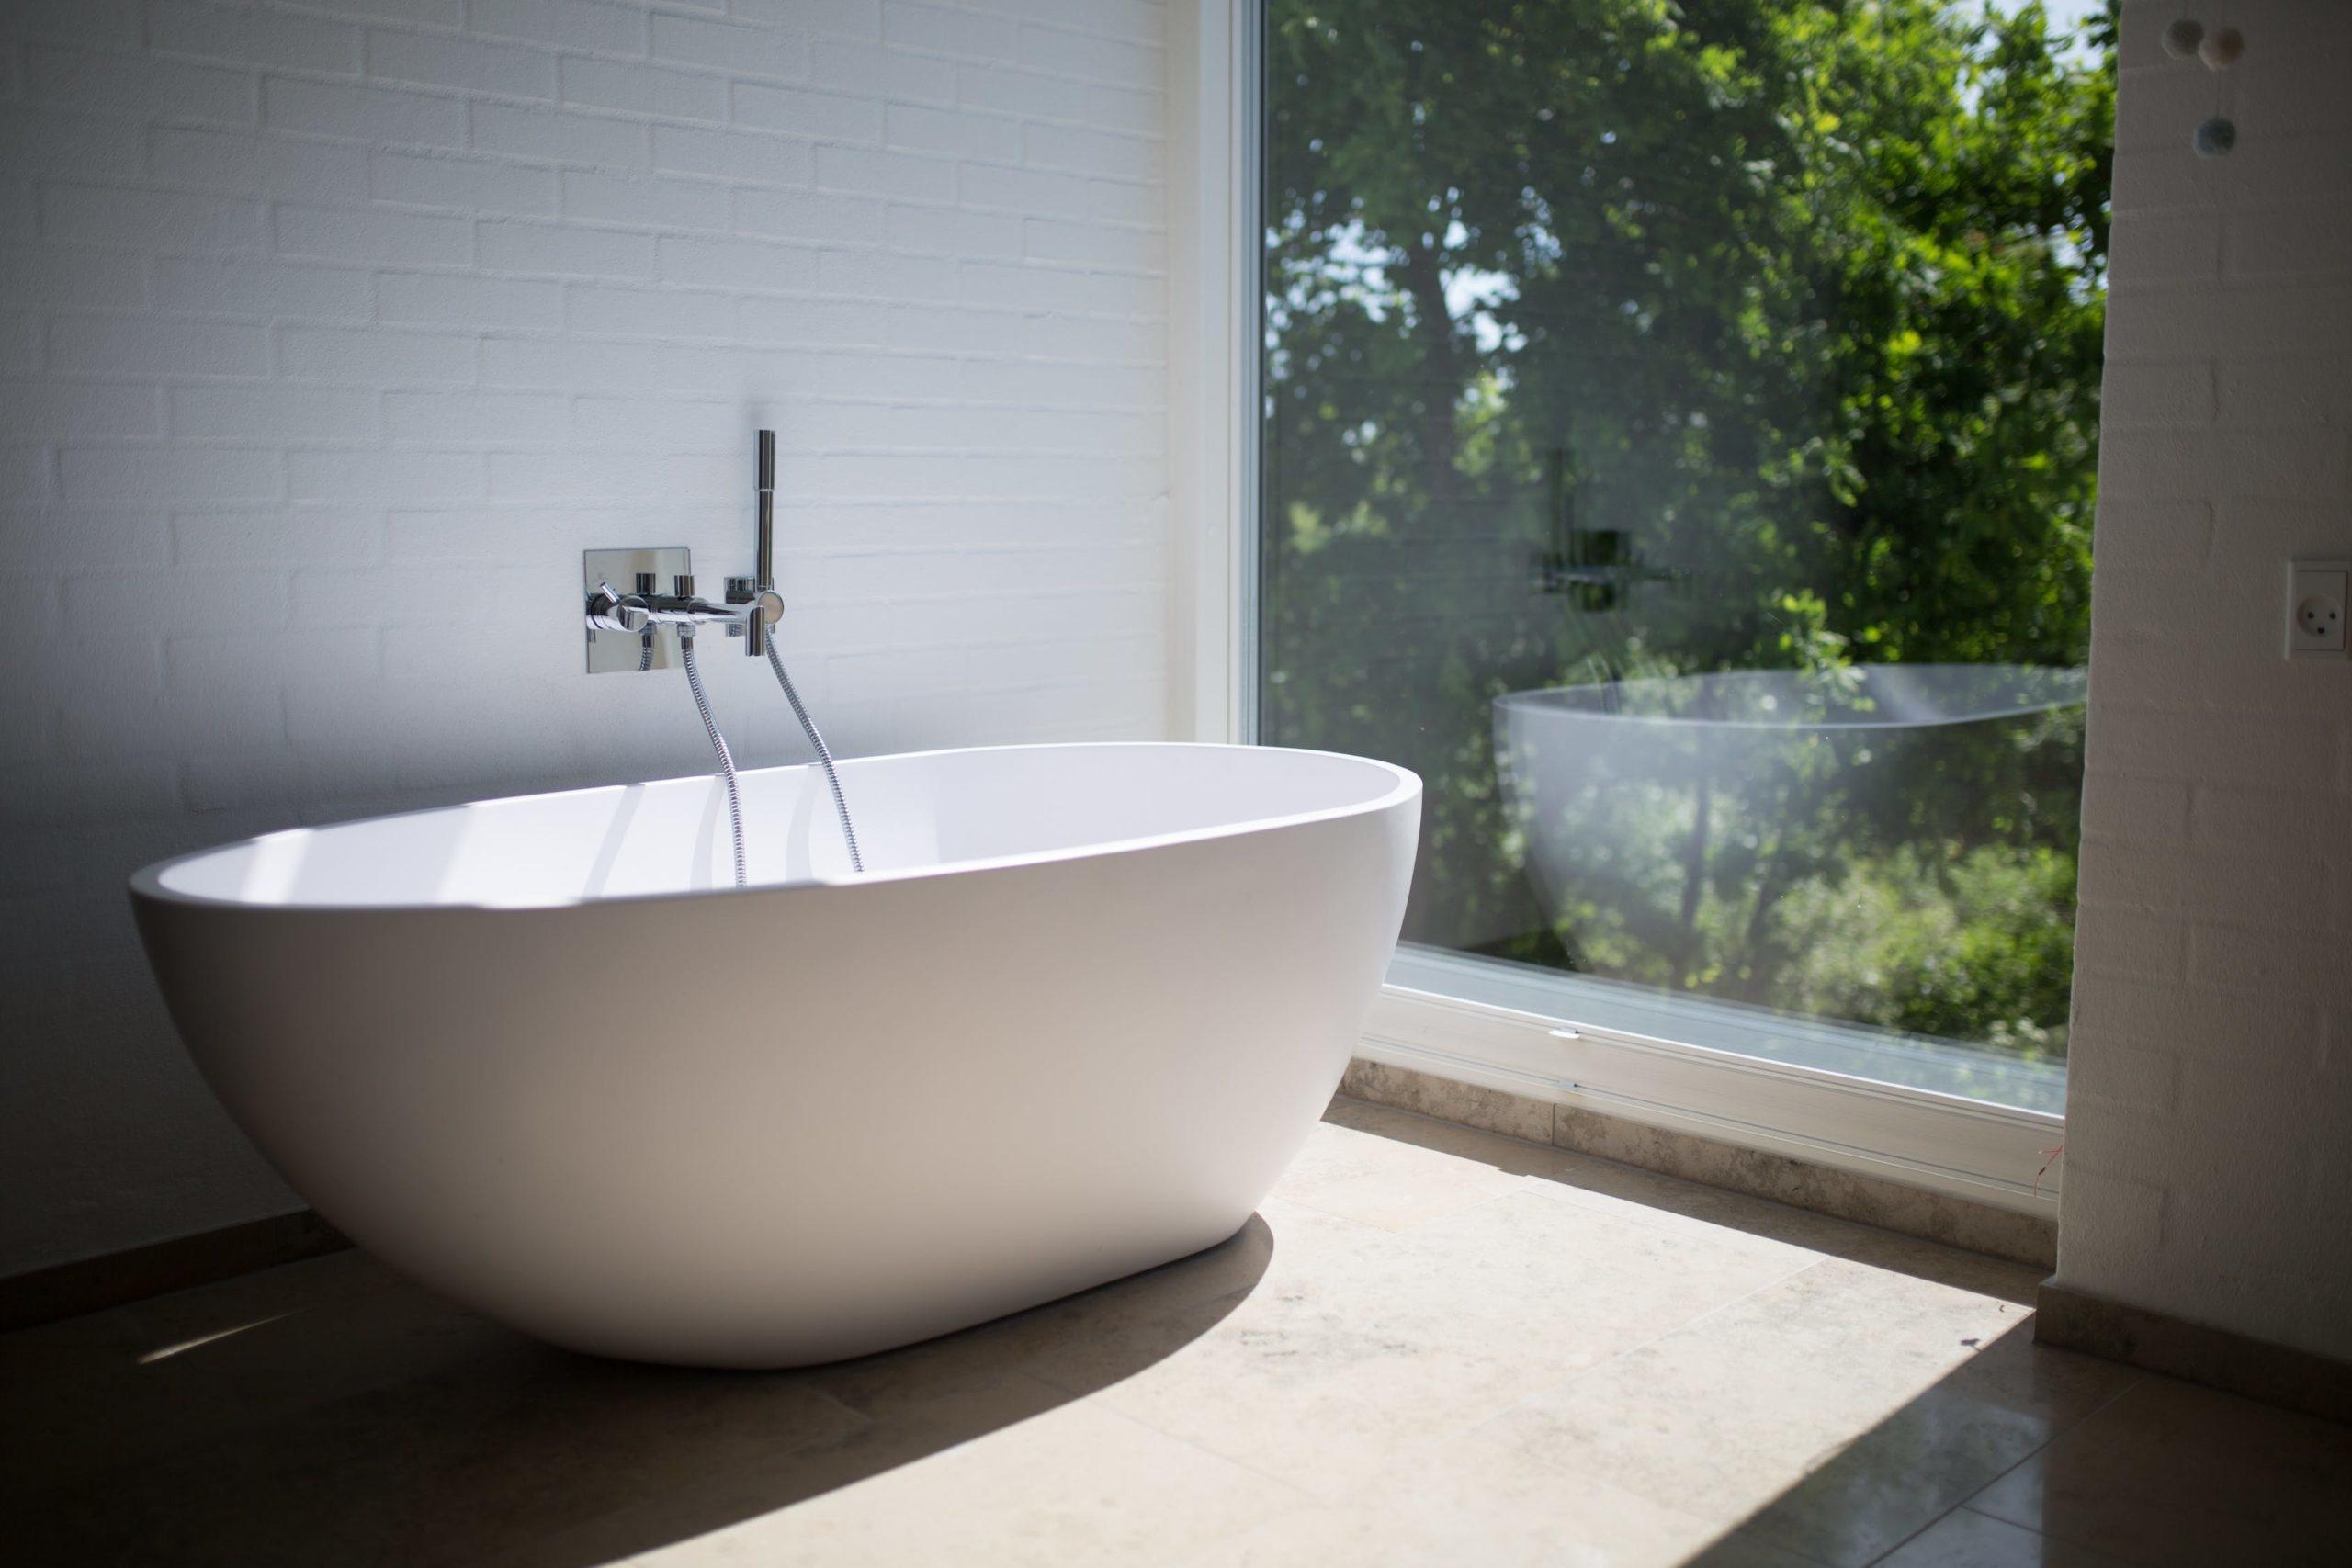 Artisant à Dijon - Construction / Rénovation complète de salle de bain